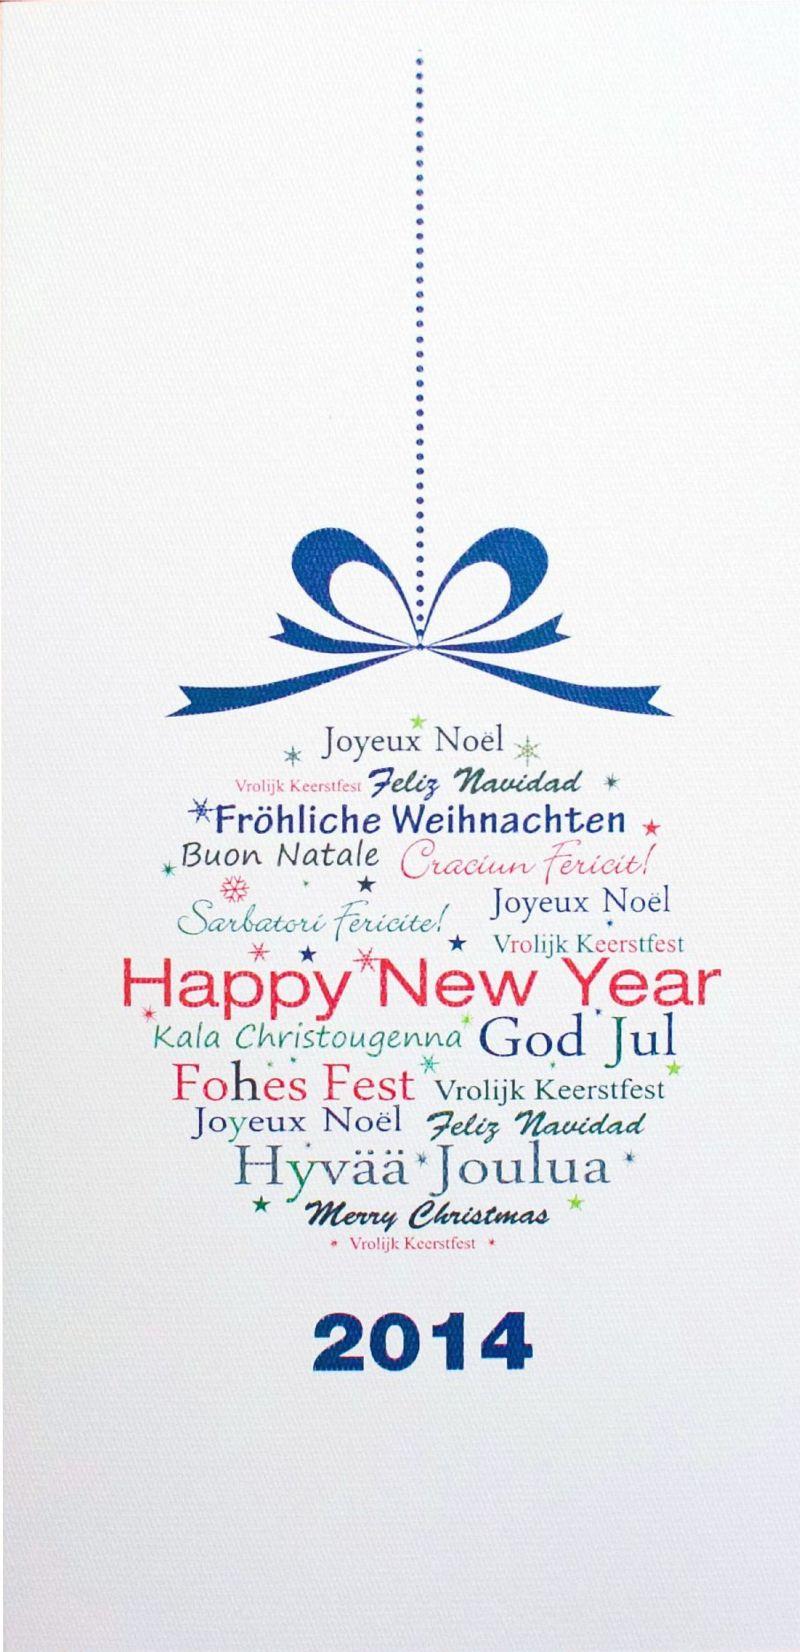 Felicitare de craciun 2014 cu glob albastru - poza 2